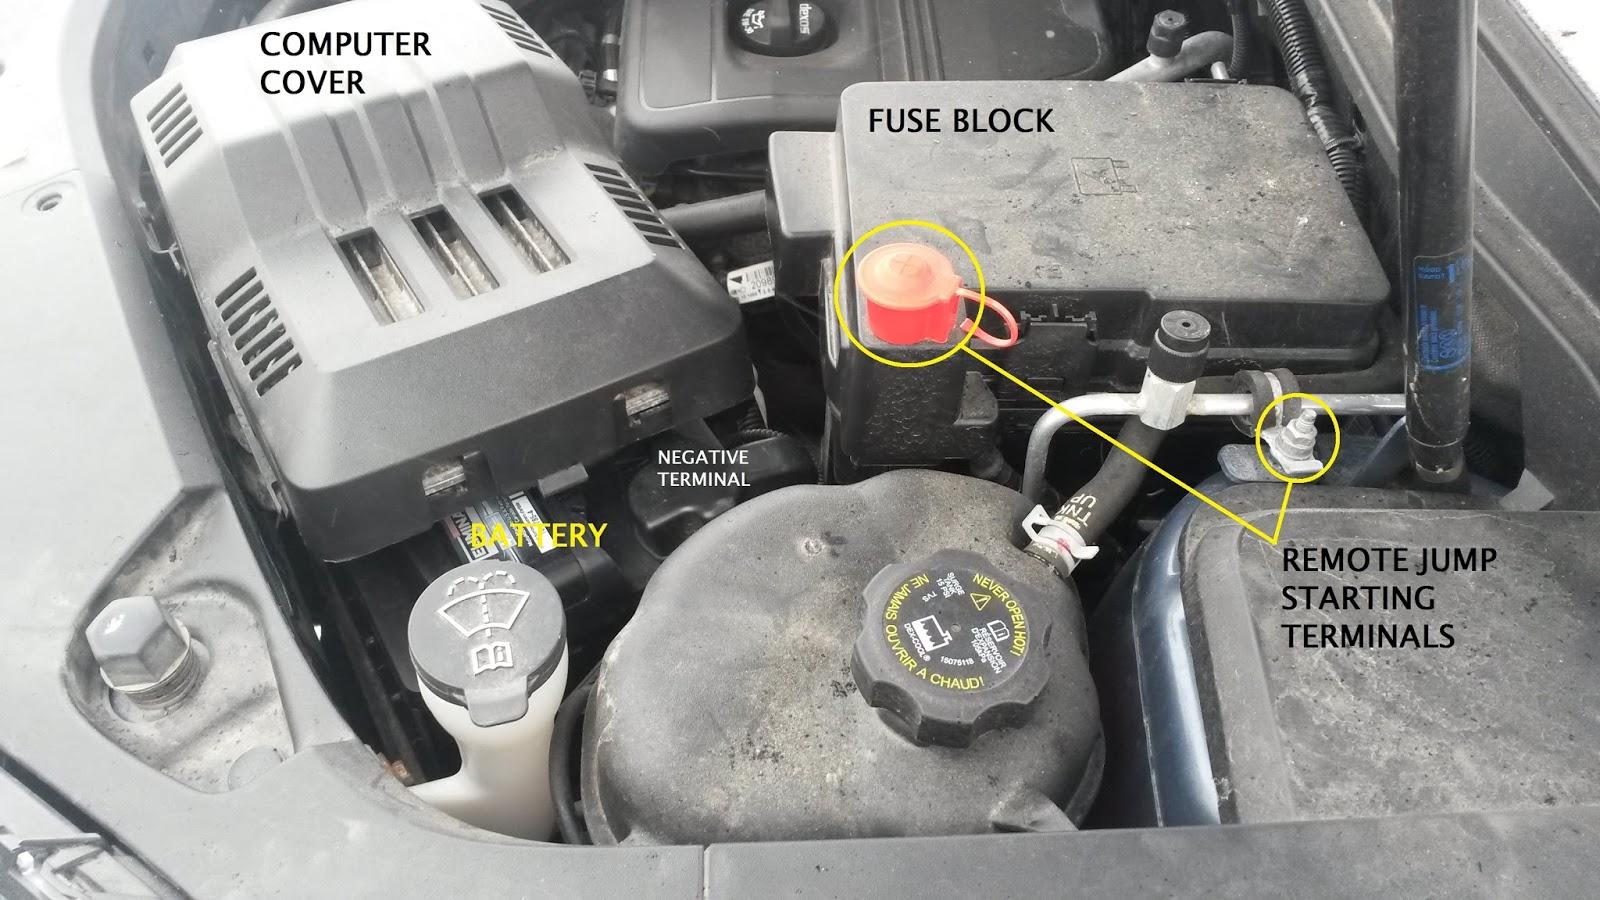 2014 chevy silverado fuse box access [ 1600 x 900 Pixel ]